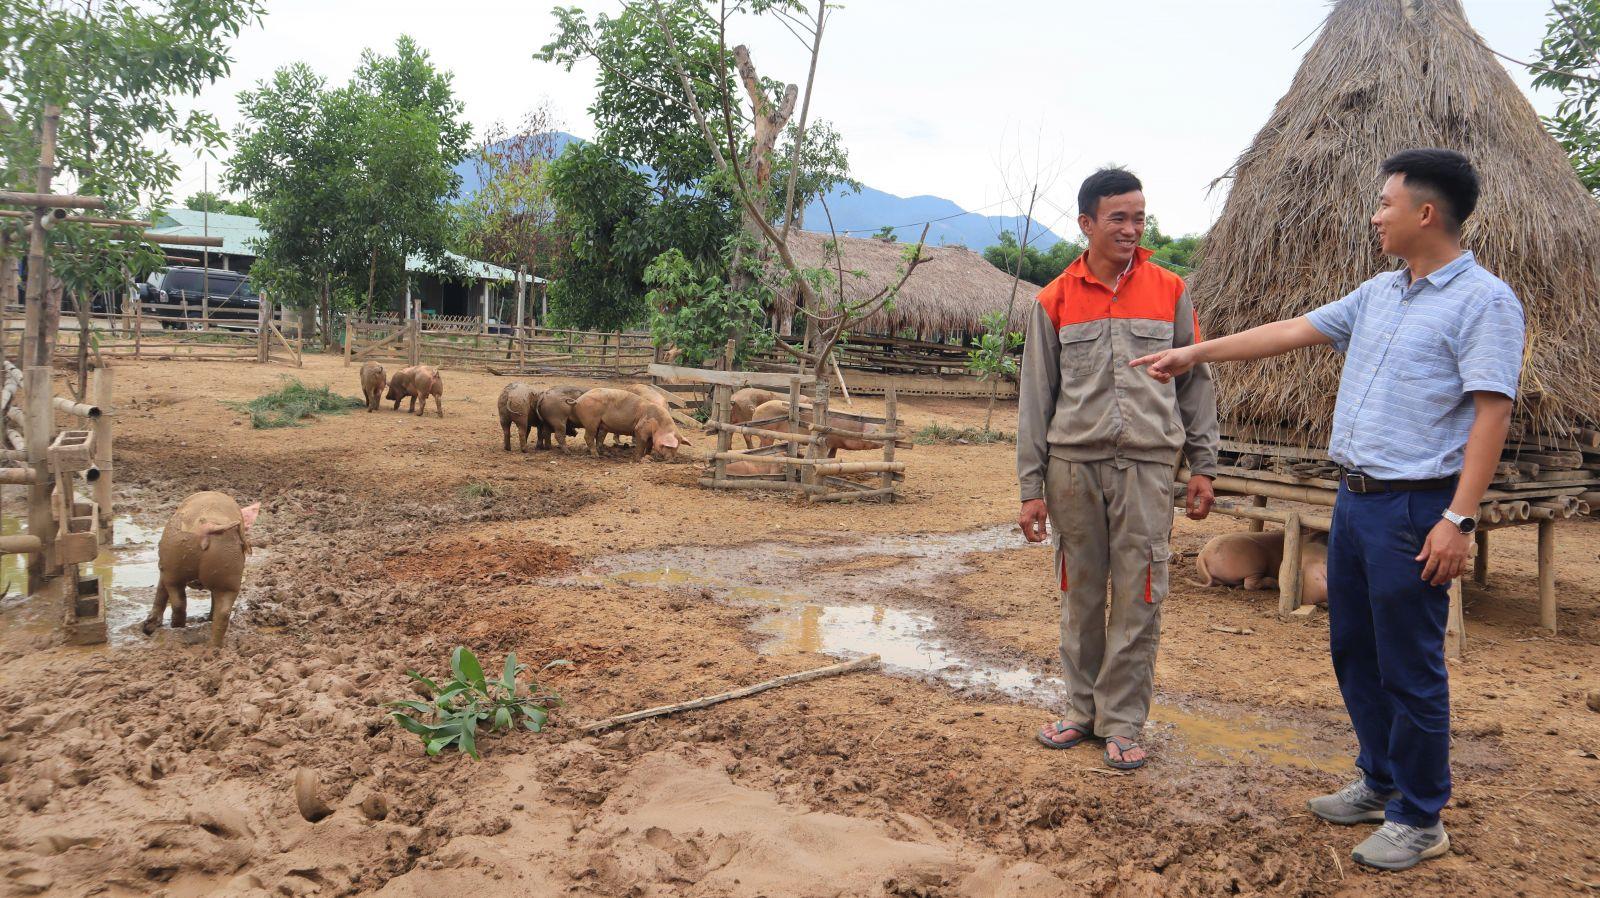 Anh Tú (áo xanh) thường xuyên đến trang trại để tham quan và trò chuyện cùng với những người chăn nuôi tại đây.